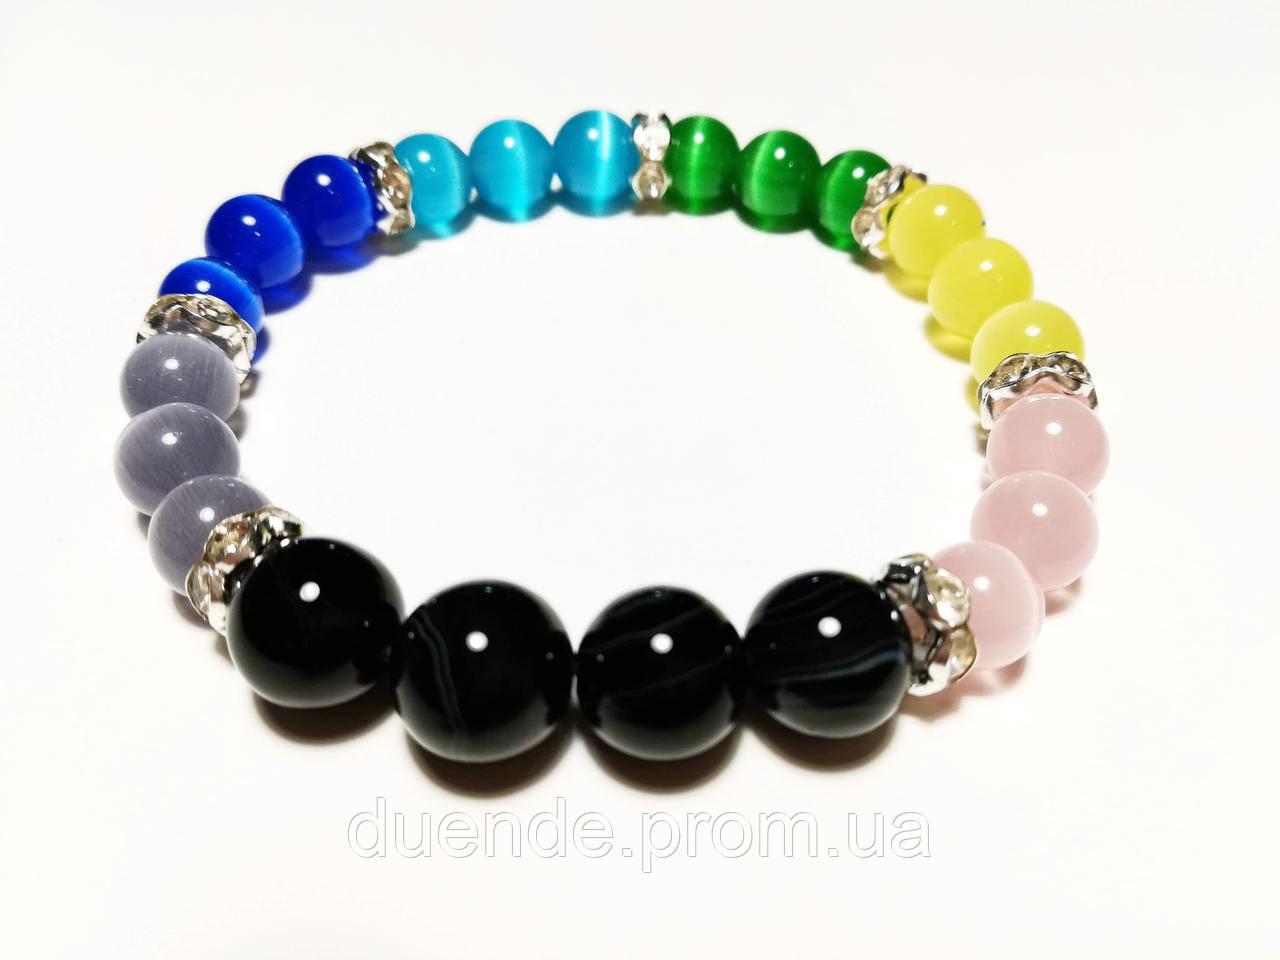 Йога браслет из Кошачьего глаза и Агата, натуральный камень, 7 цветов, тм Satori \ Sb - 0189